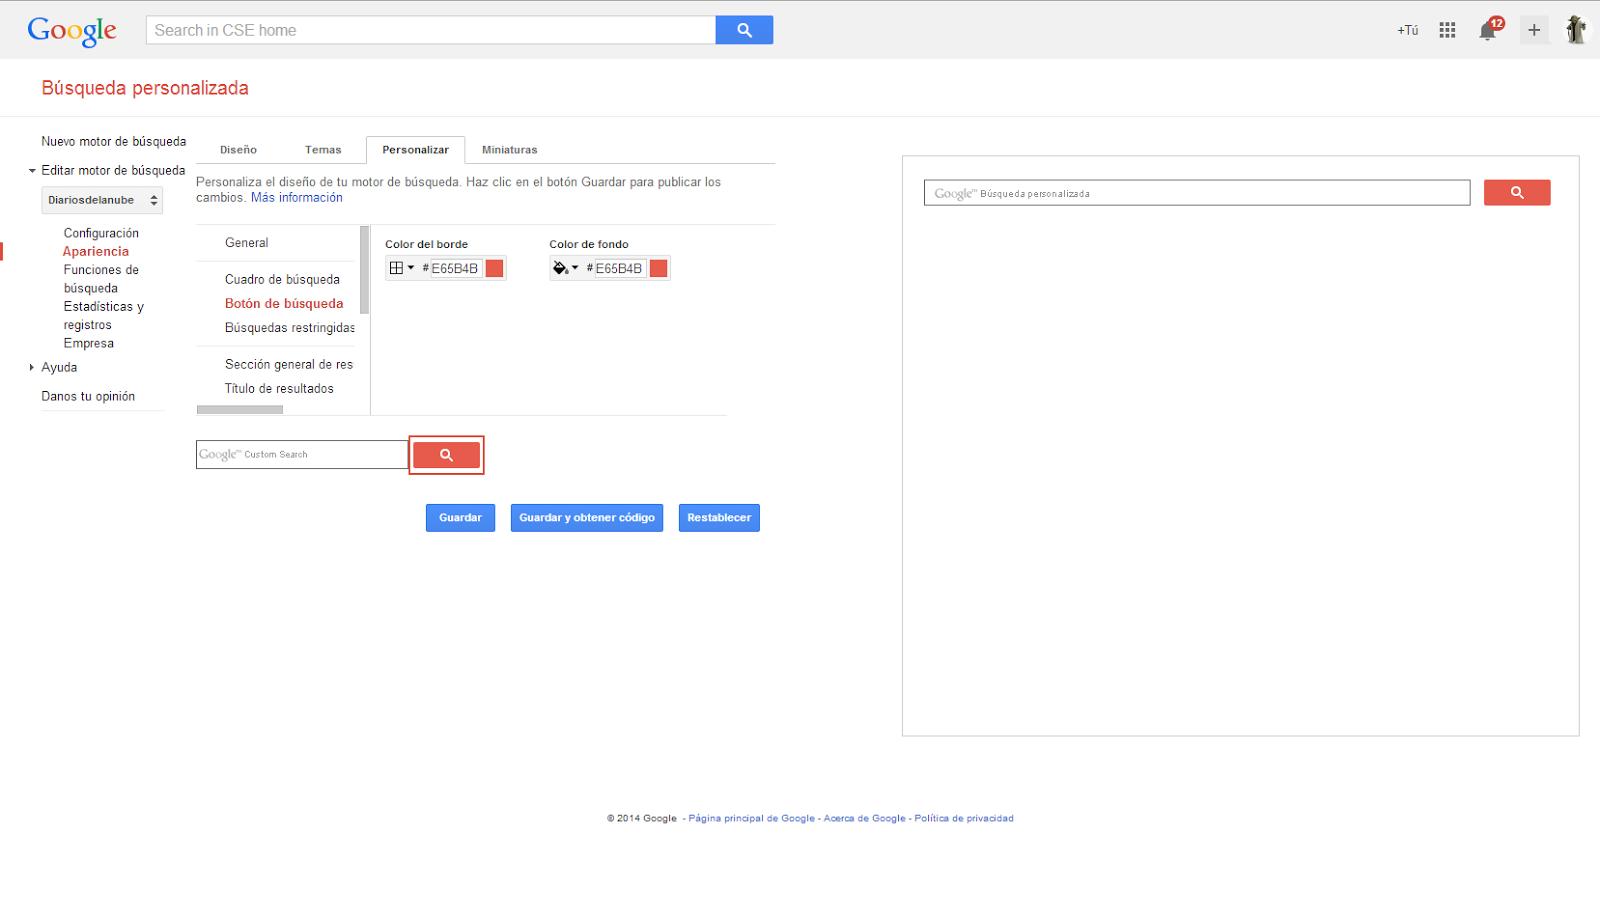 Configurando presentación de búsqueda personalizada de Google.